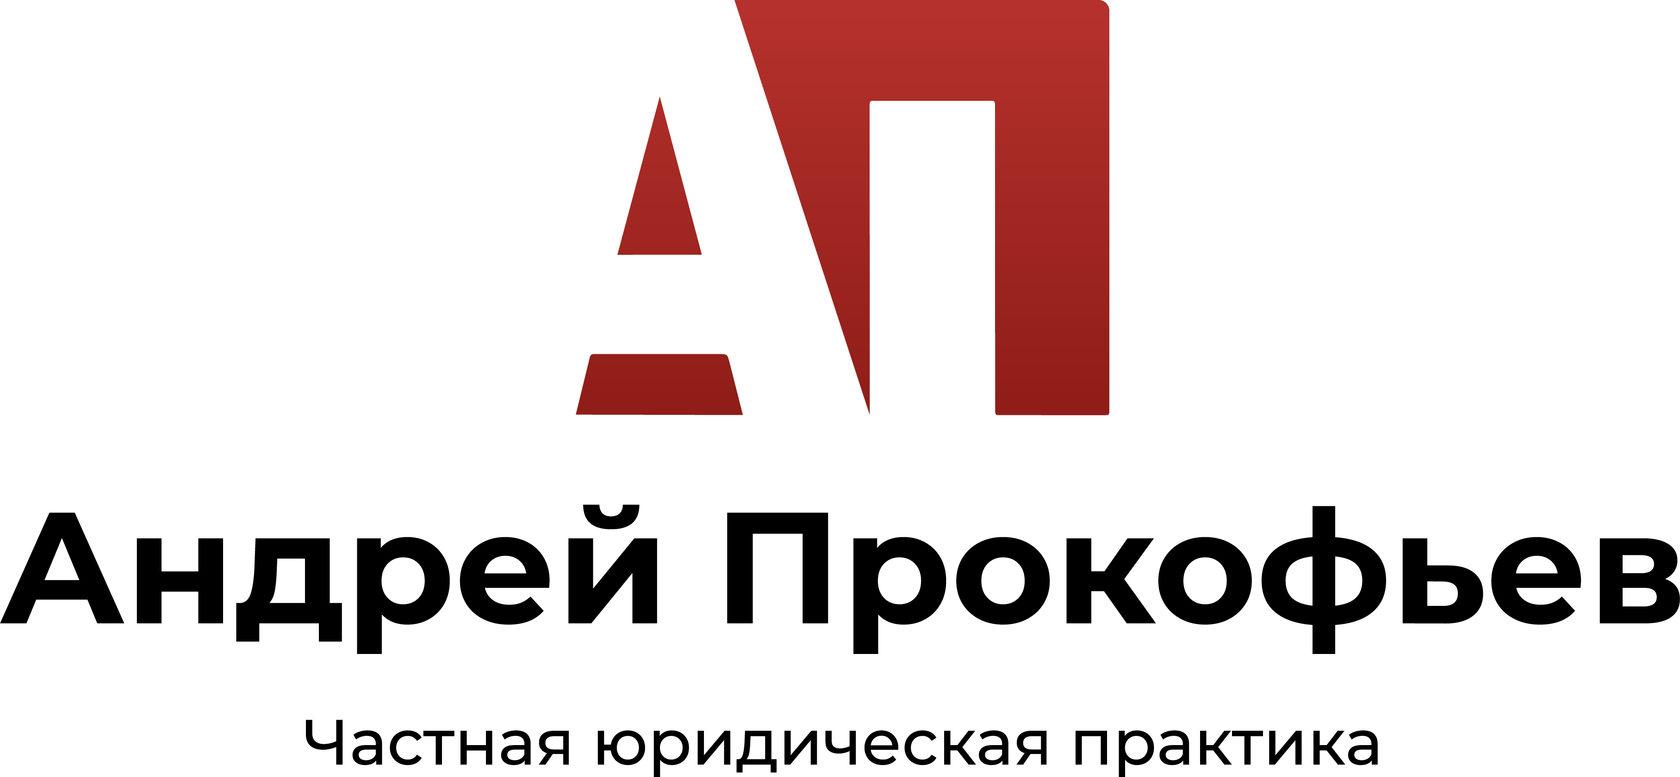 Андрей Прокофьев. Частная юридическая практика